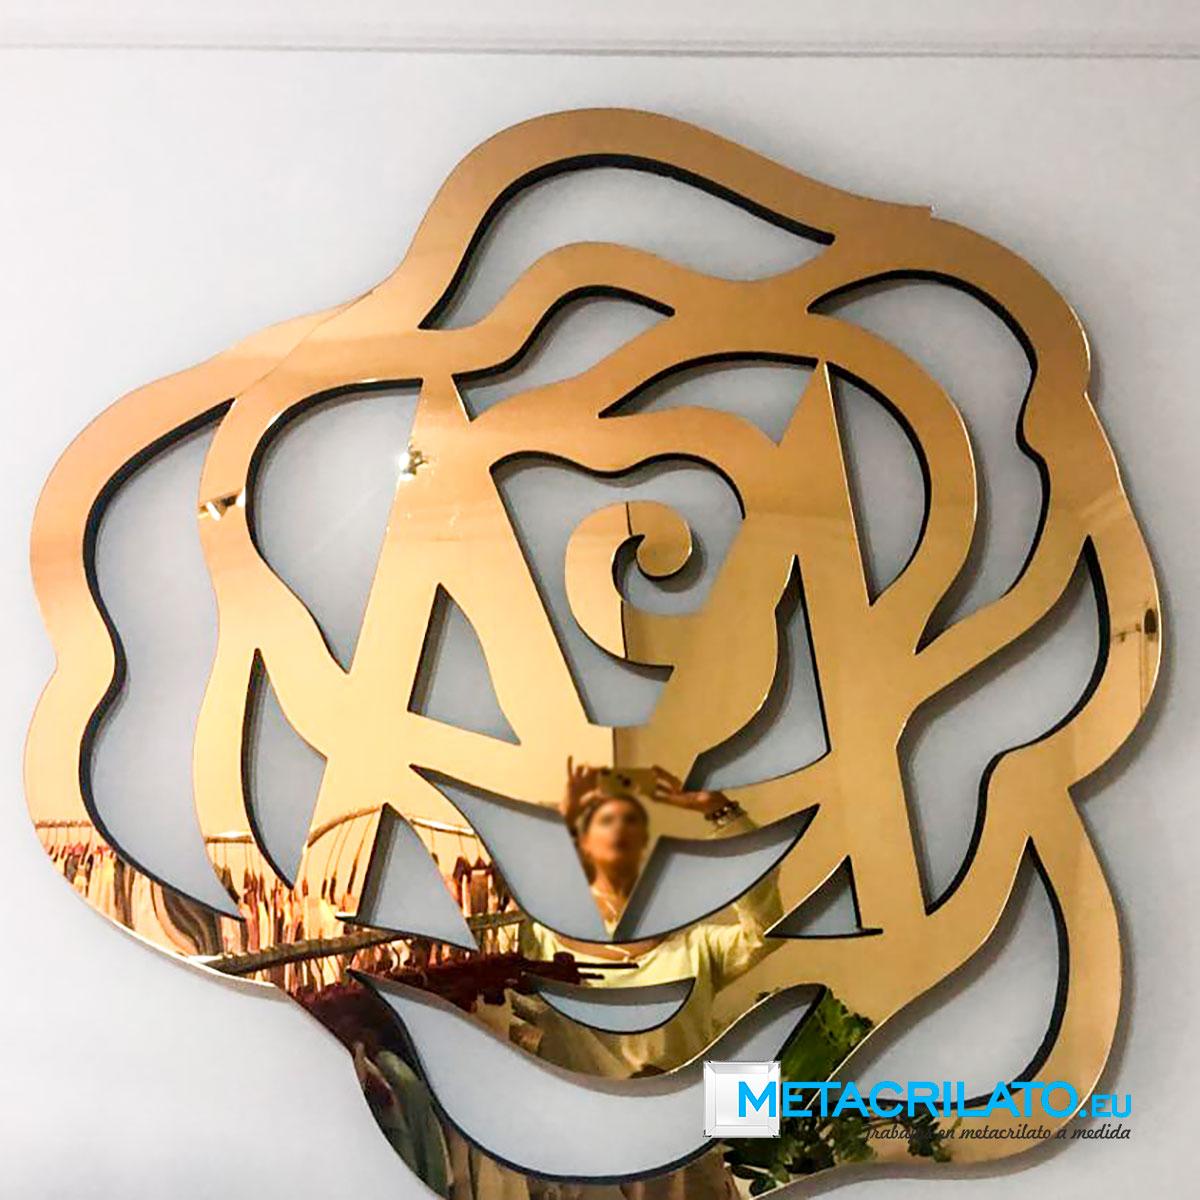 Metacrilato espejo oro